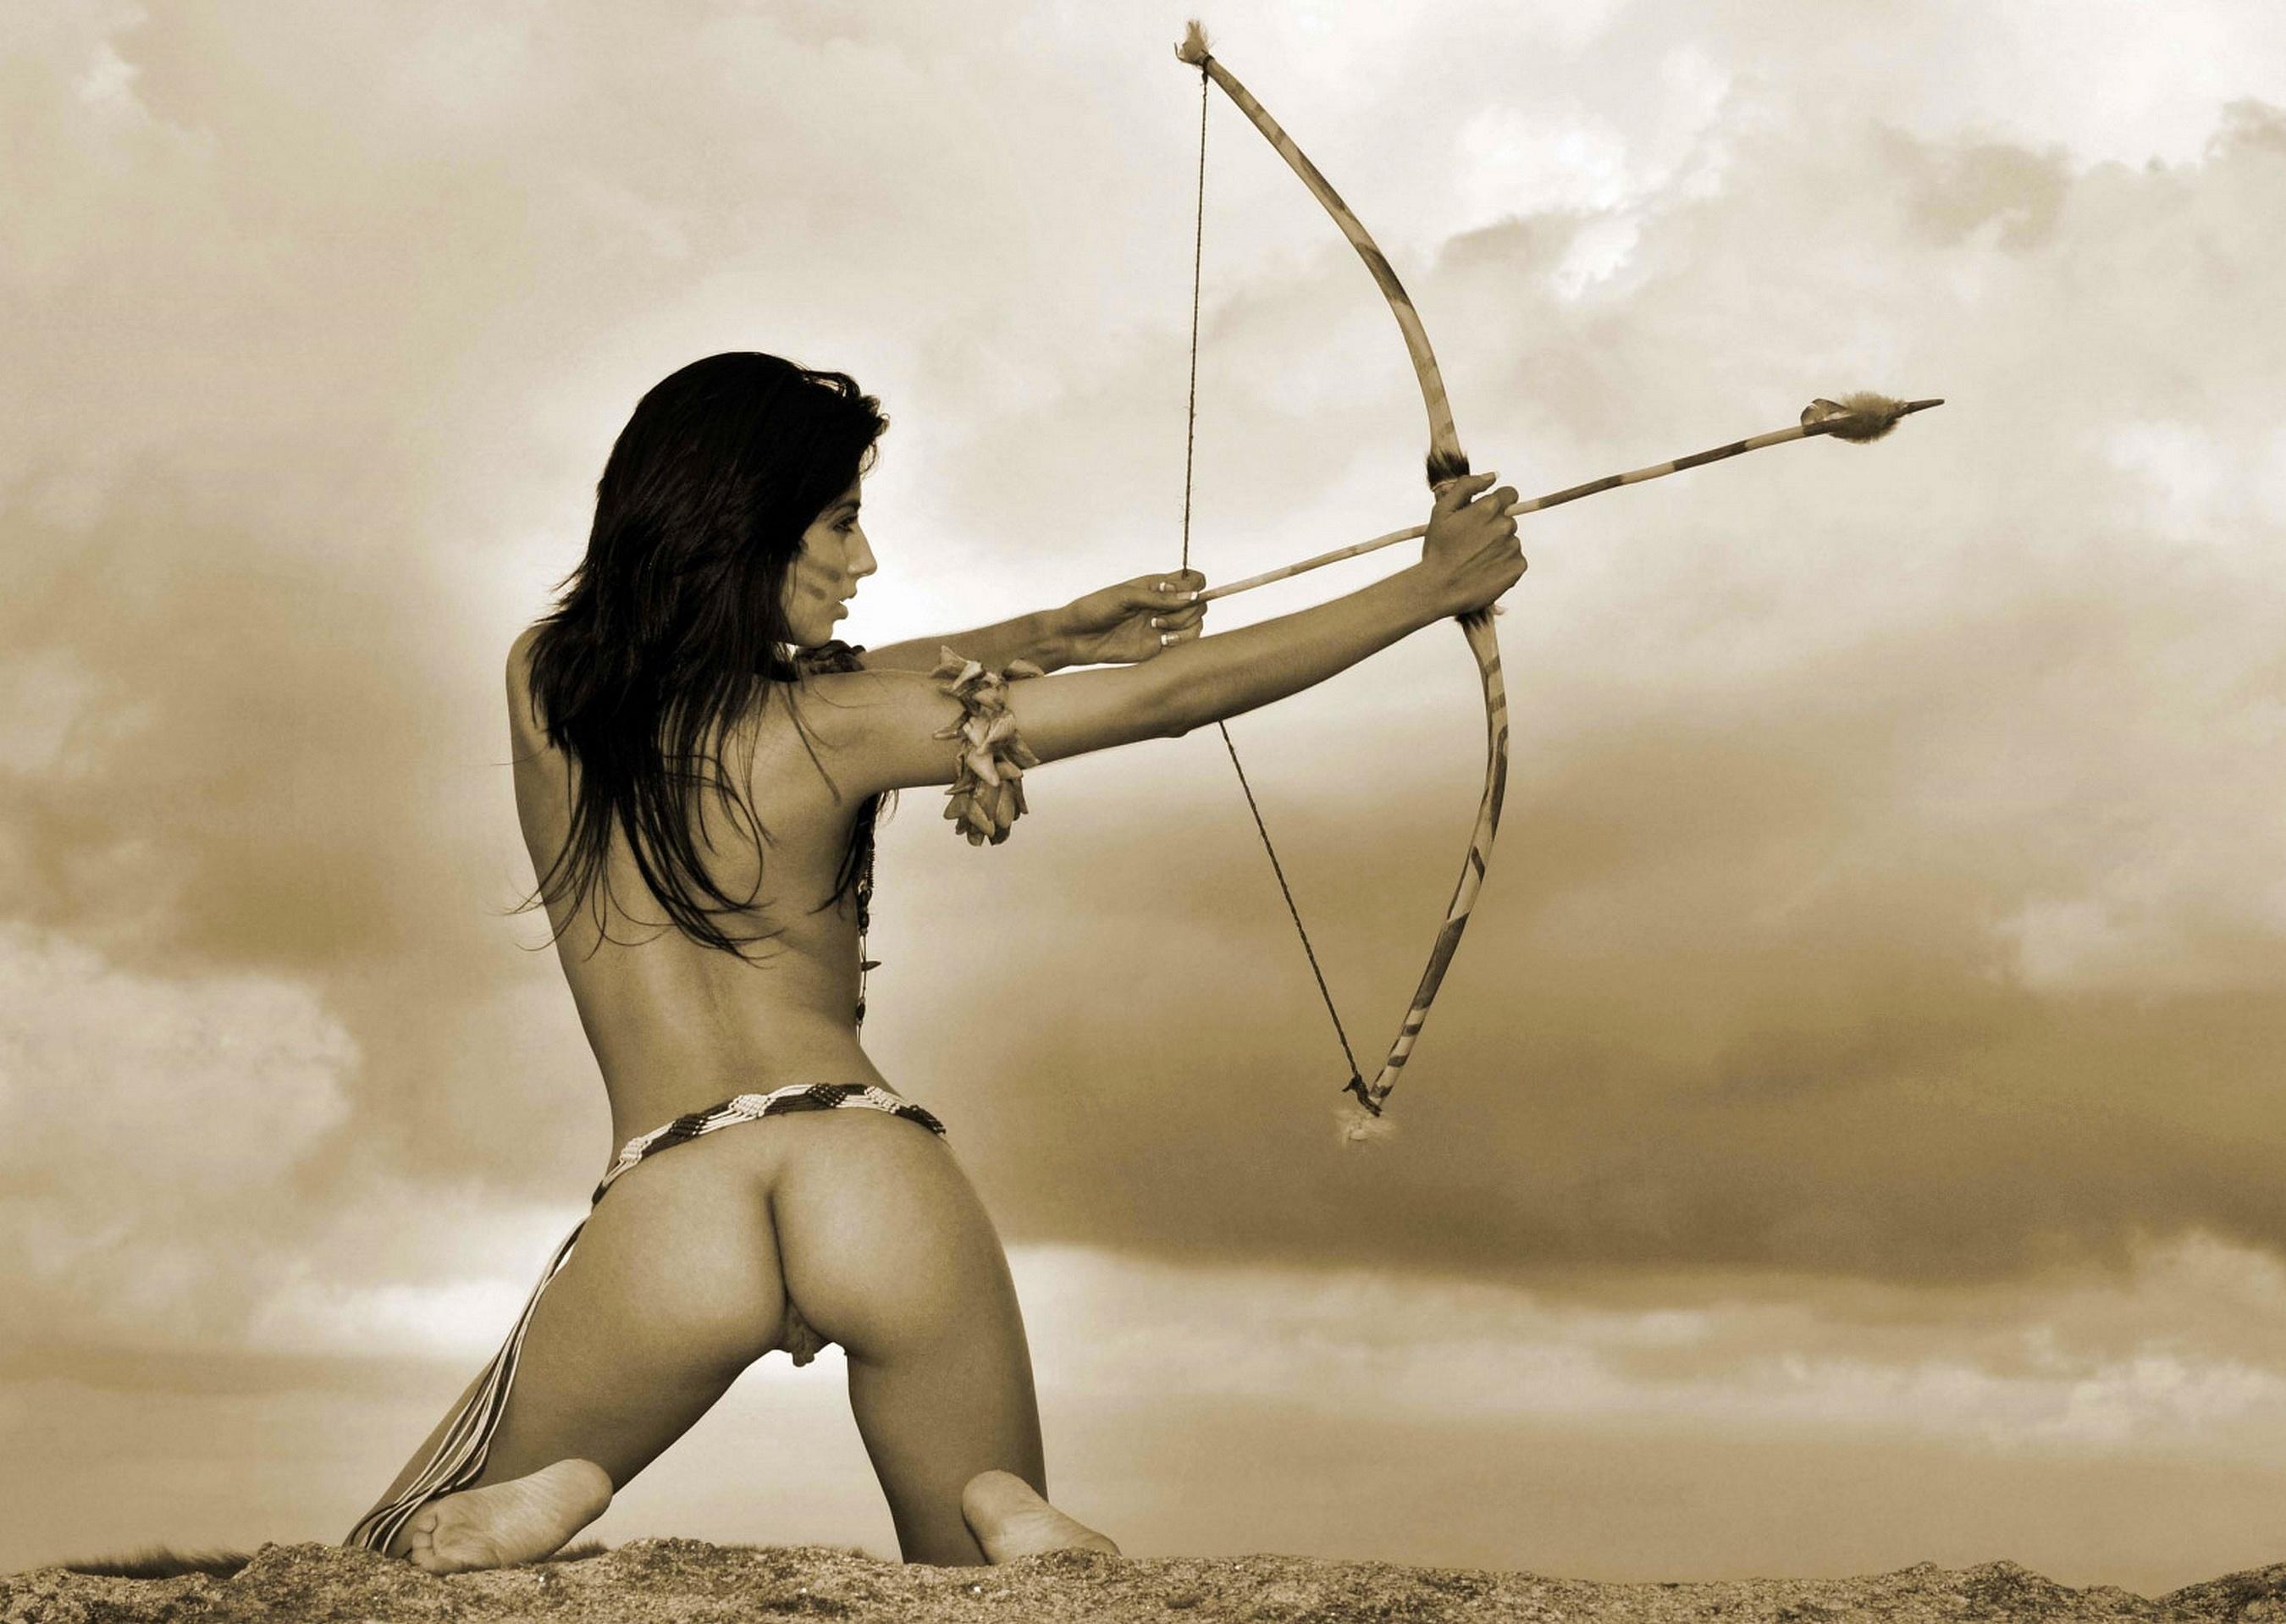 Idea asian nude archery